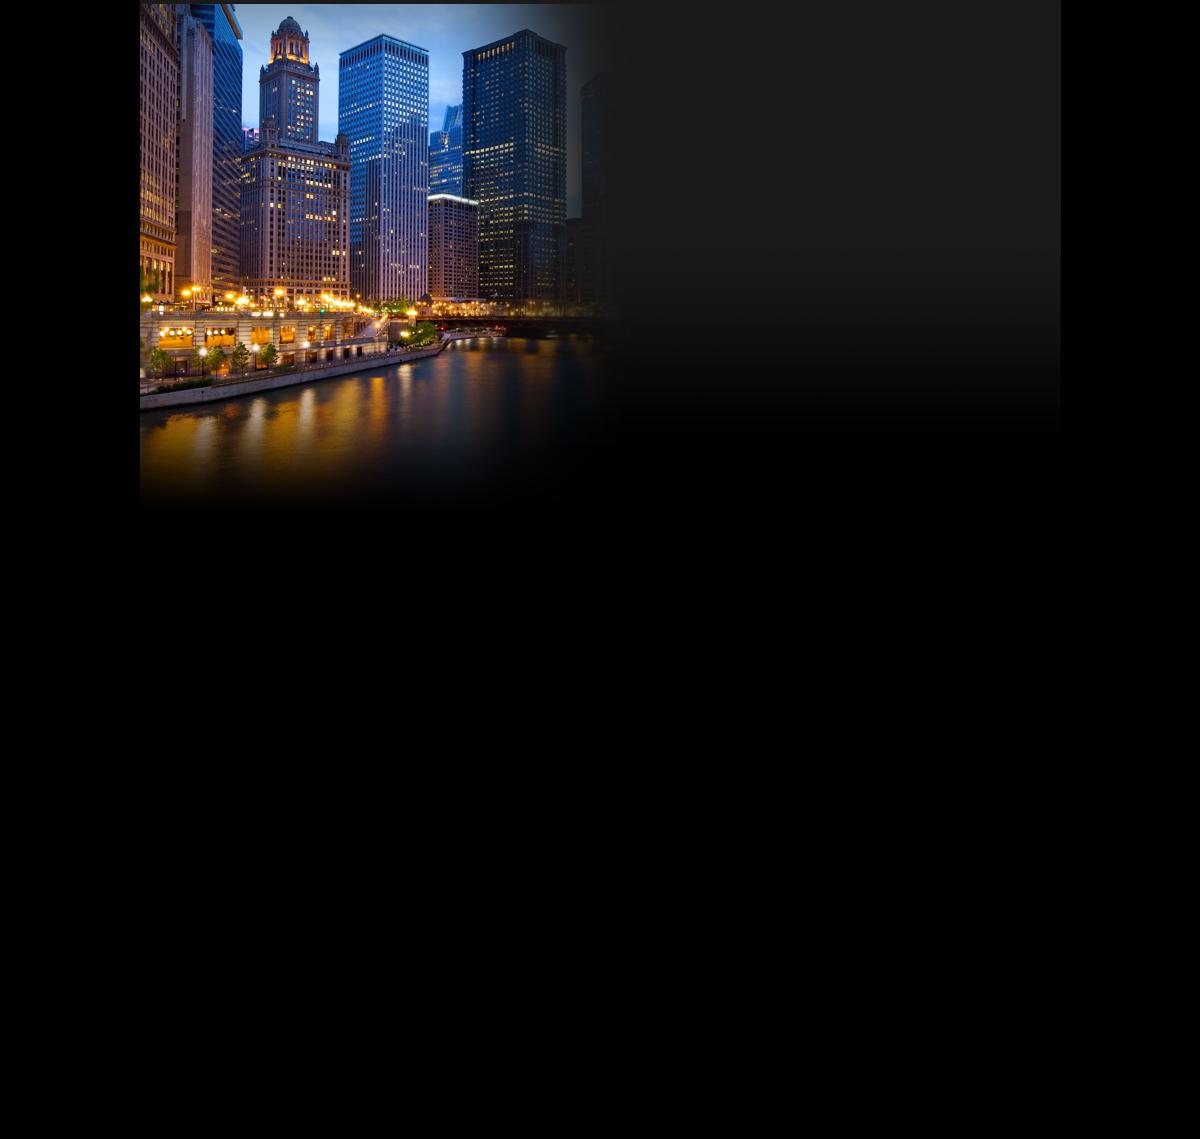 autoshow_chicago_background.jpg